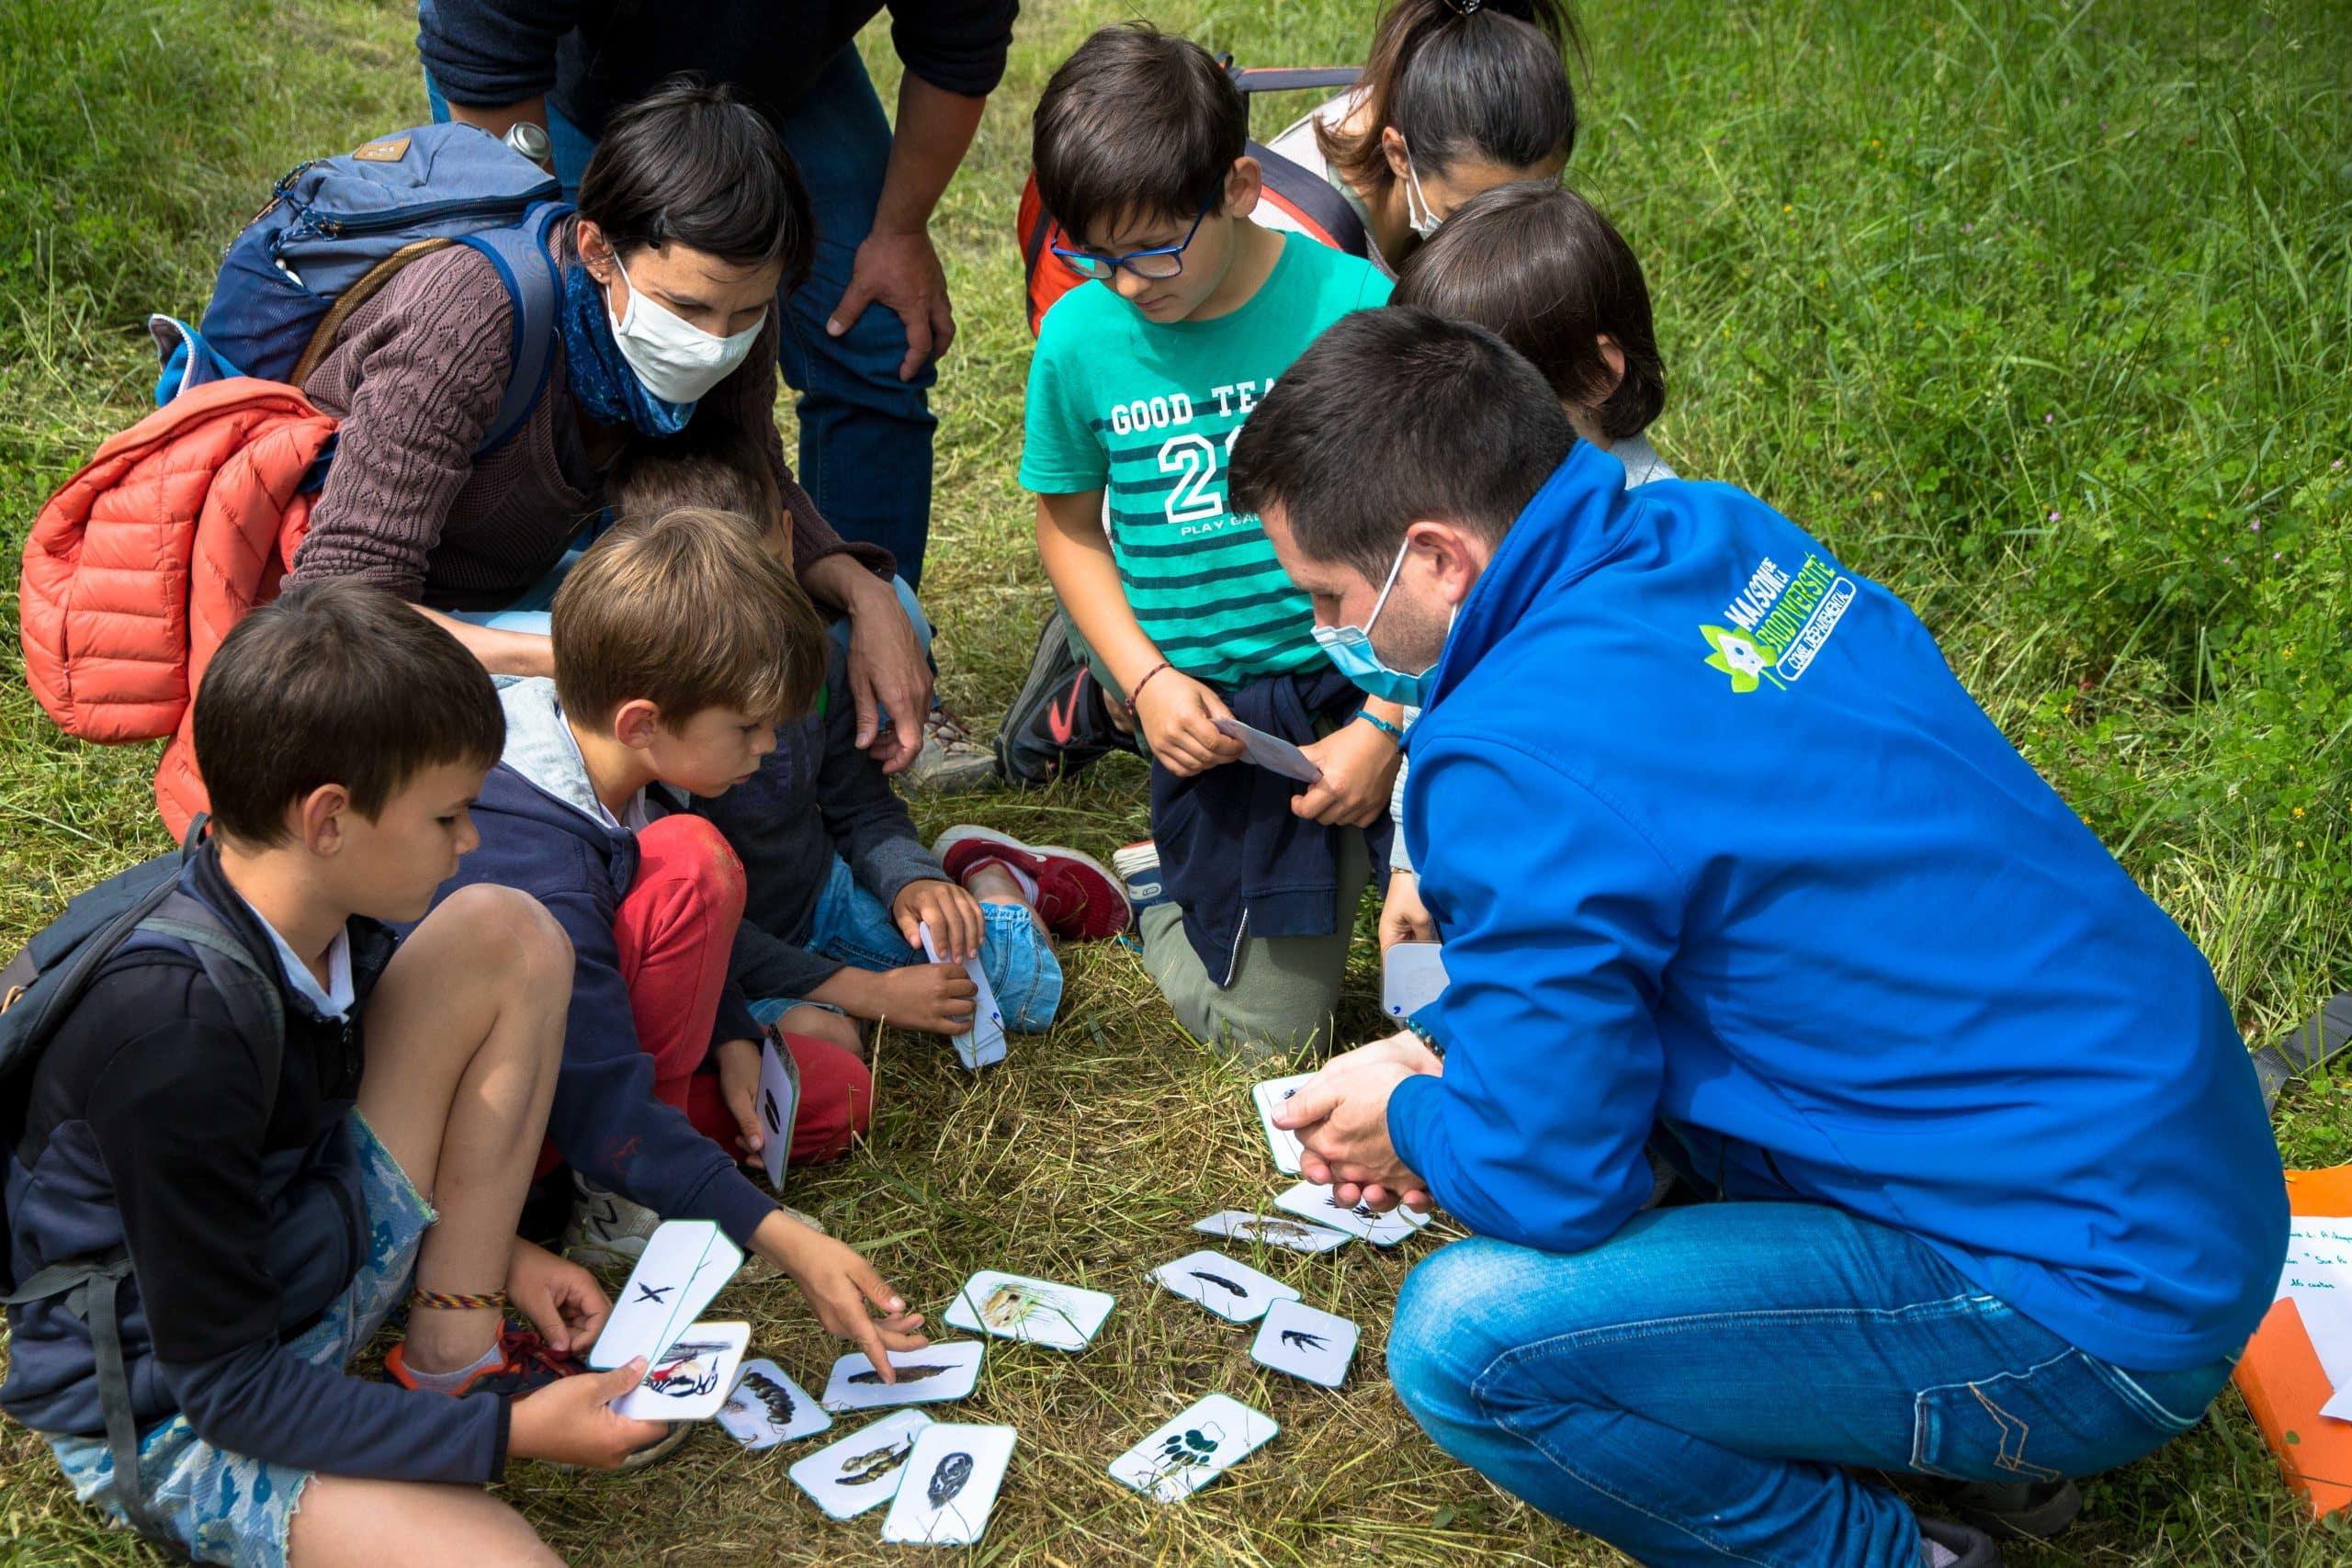 Le Conseil départemental de la Haute-Garonne propose, cet été, des balades commentées et des animations gratuites au cœur de la forêt de Buzet @CD31